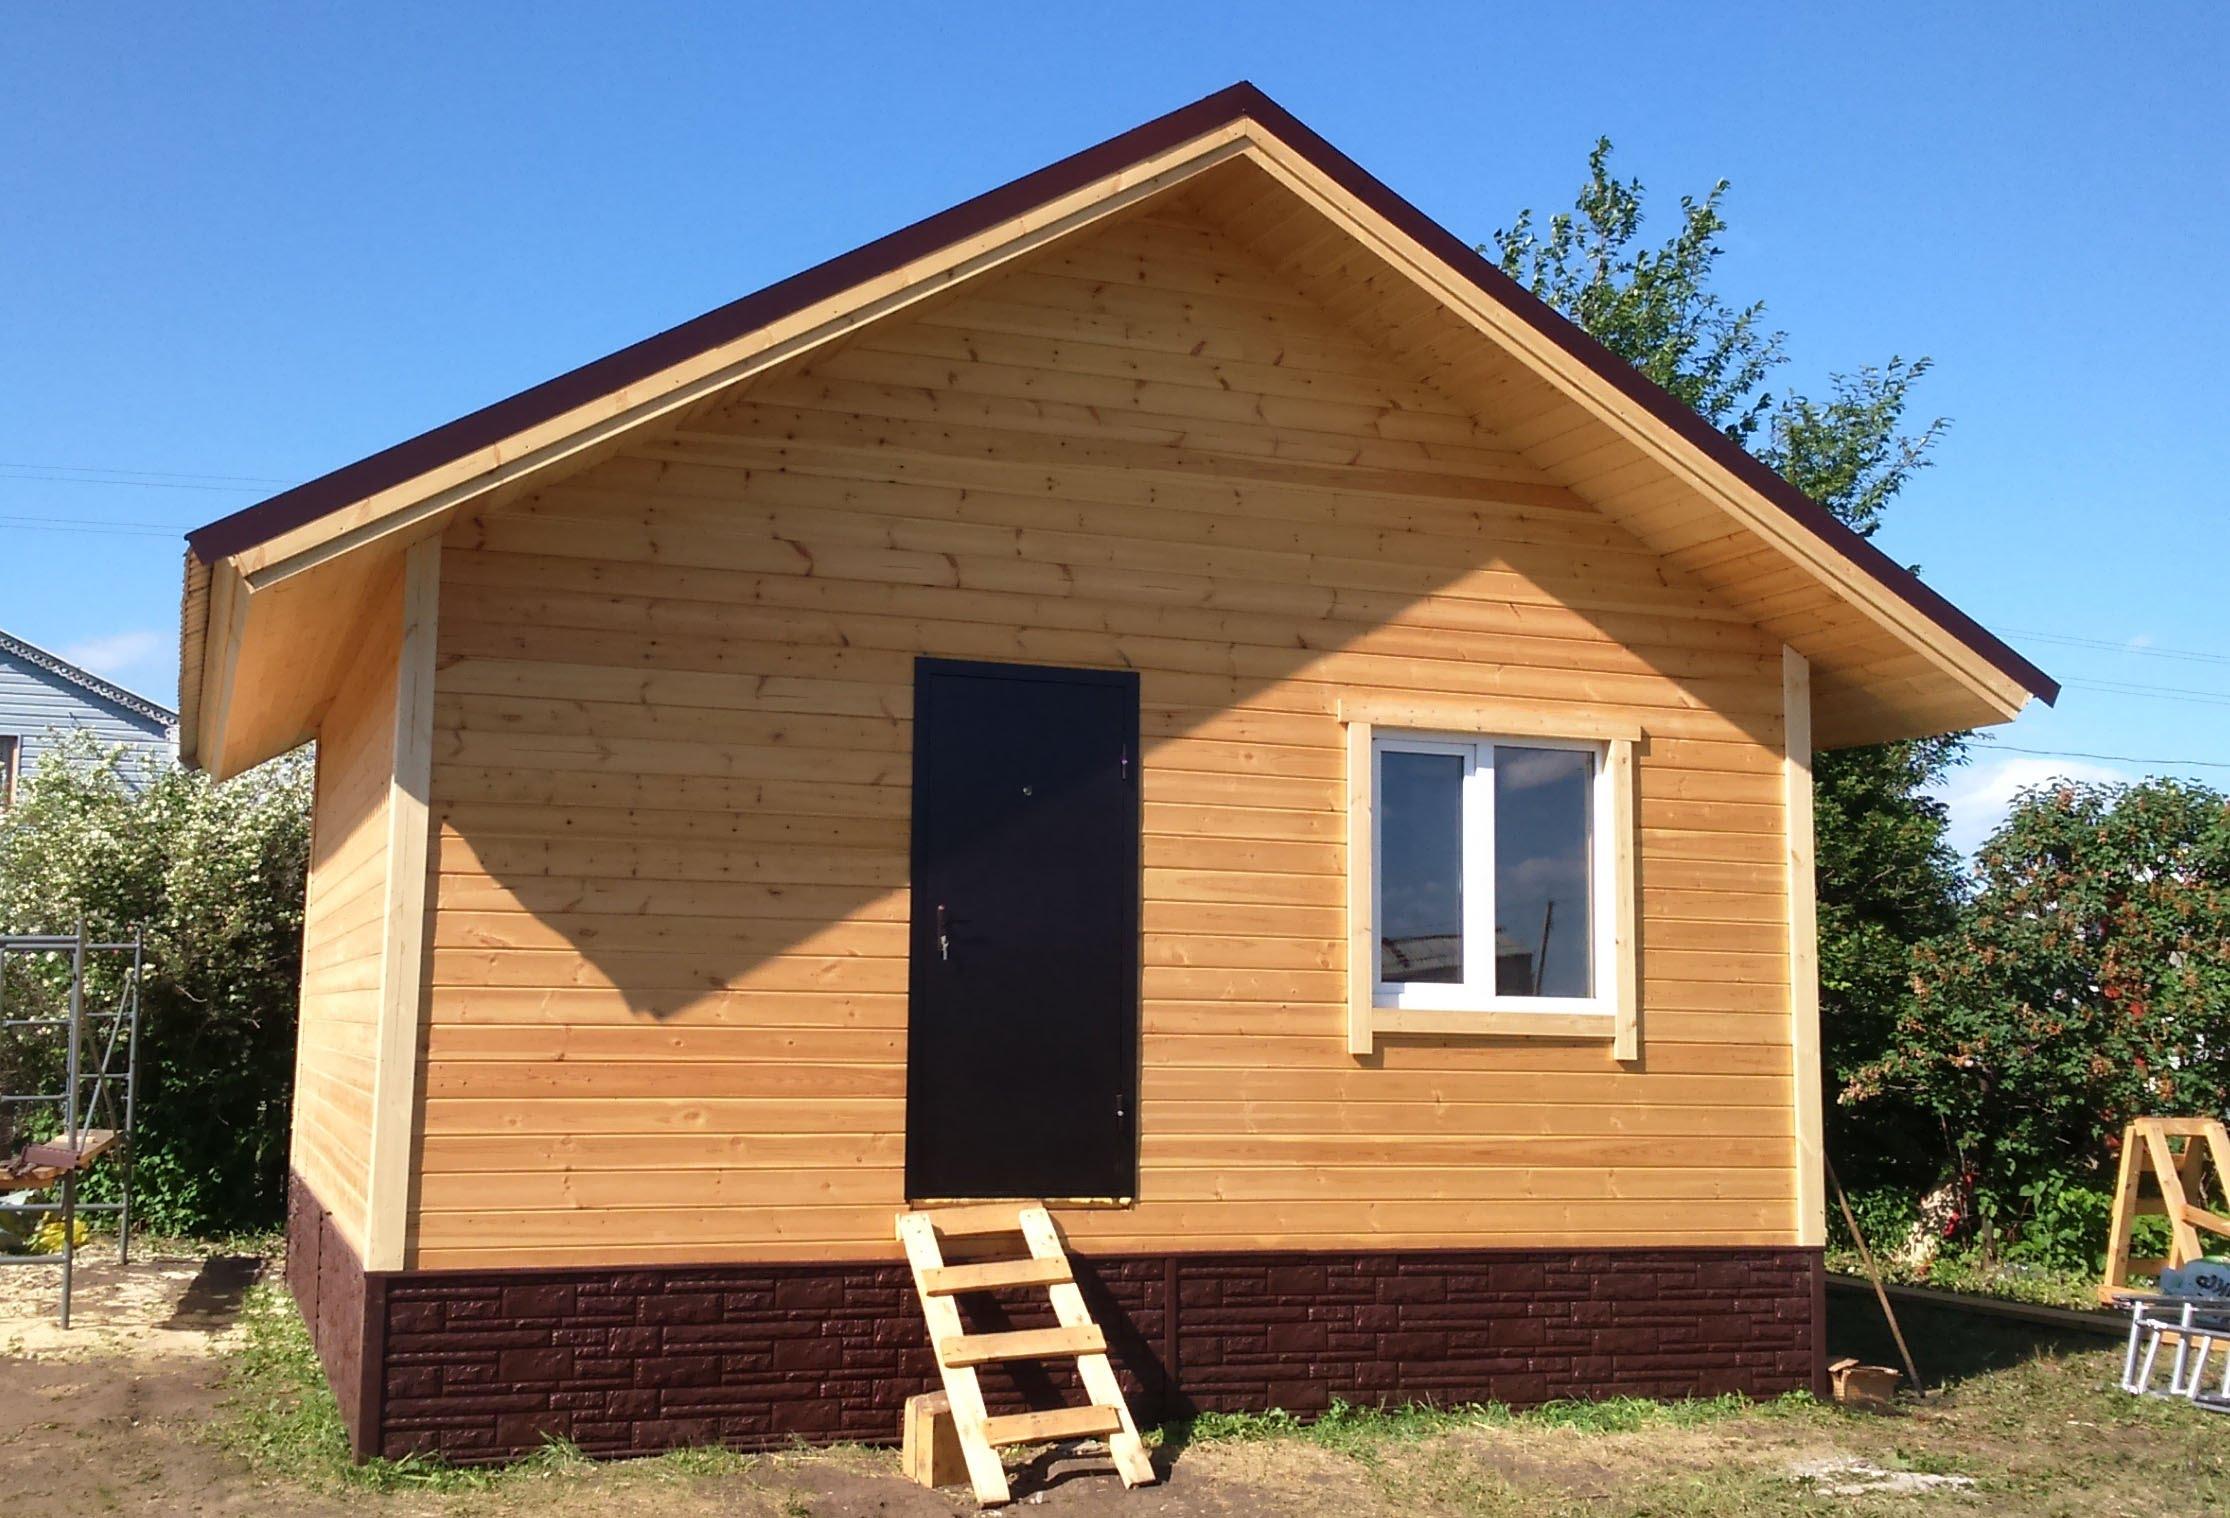 Каркасный дачный домик 6х6 своими руками фото не дорогой